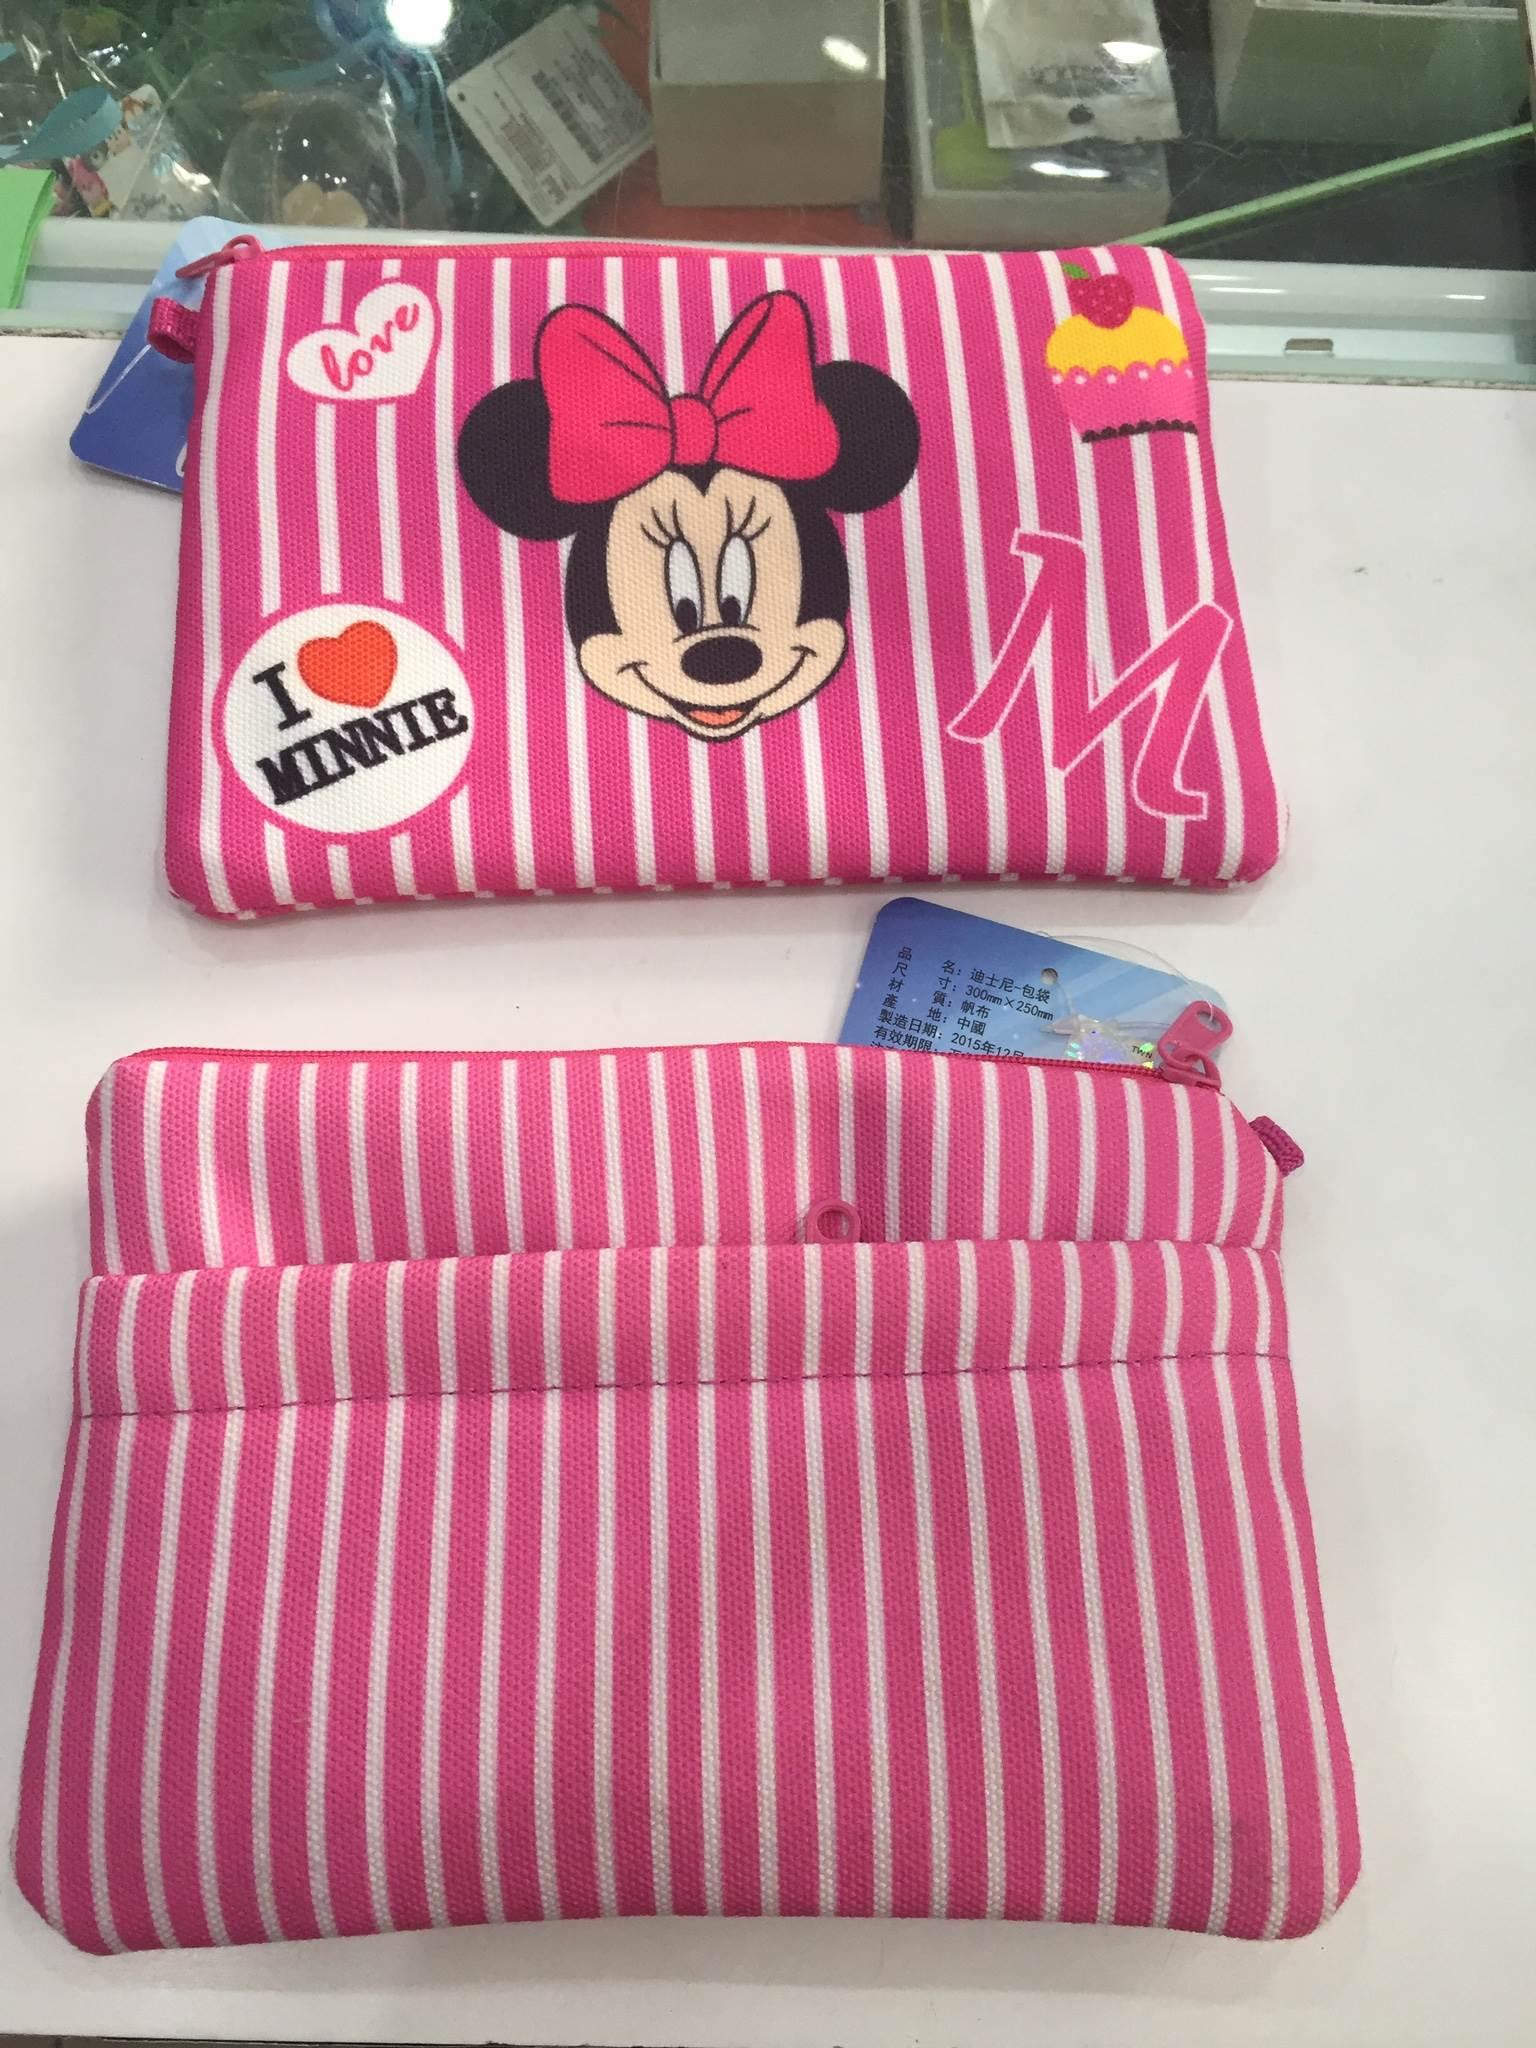 ~條紋~米妮~迪士尼 條紋系列 布包 化妝包 手拿包 零錢包 手機包 Disney